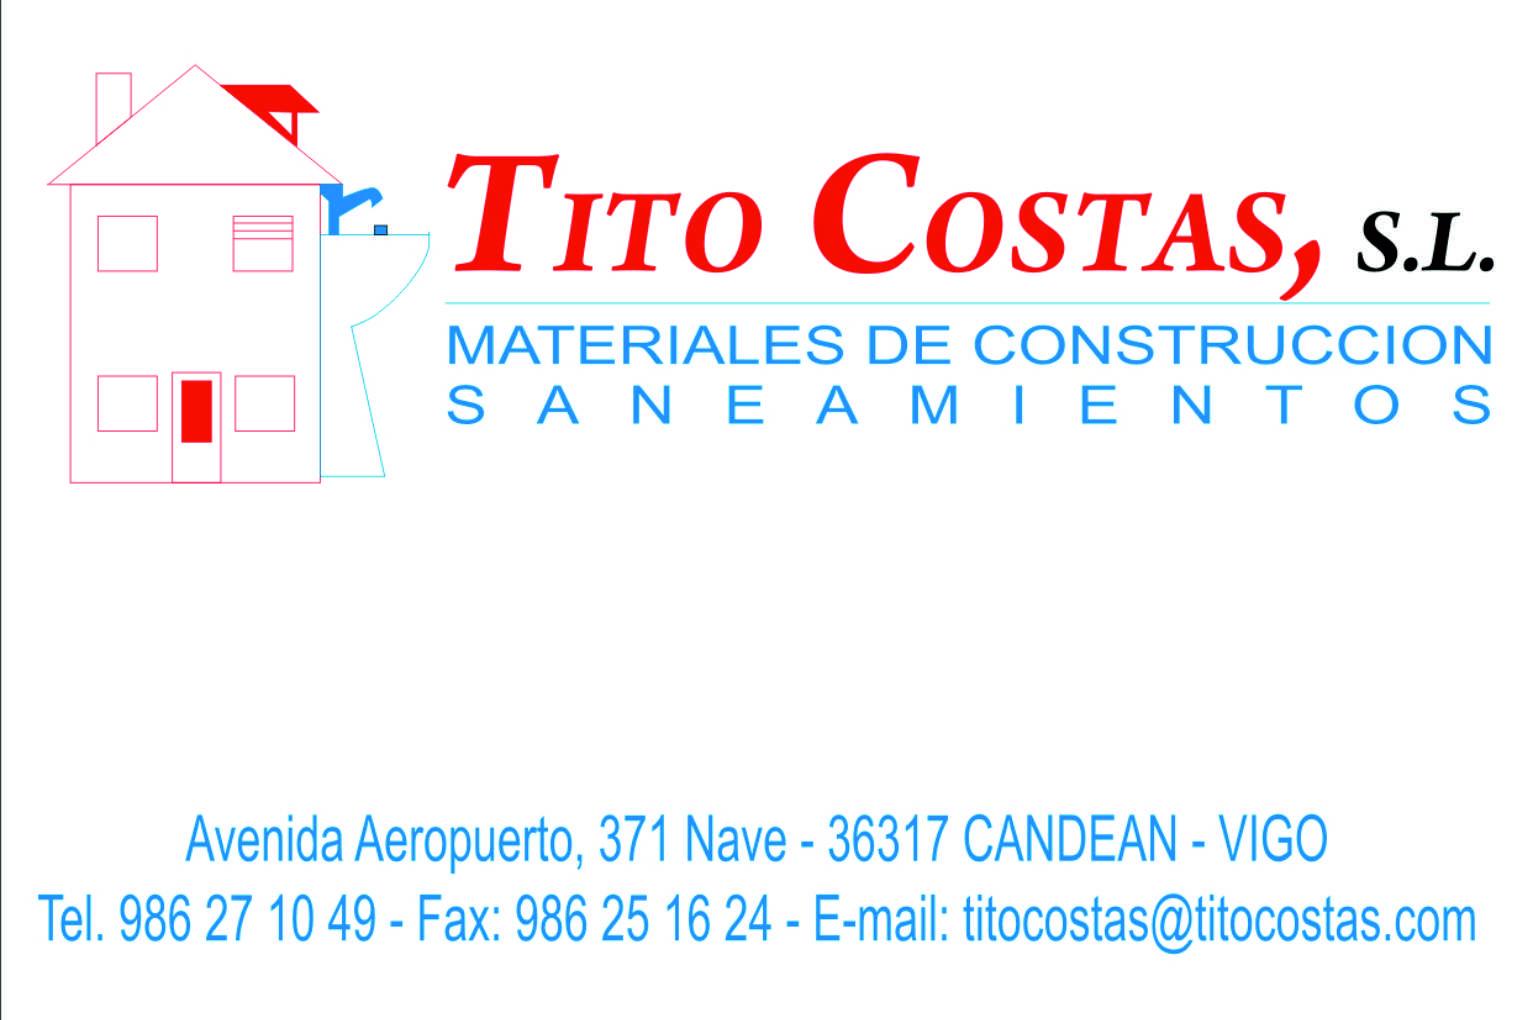 Tito Costas